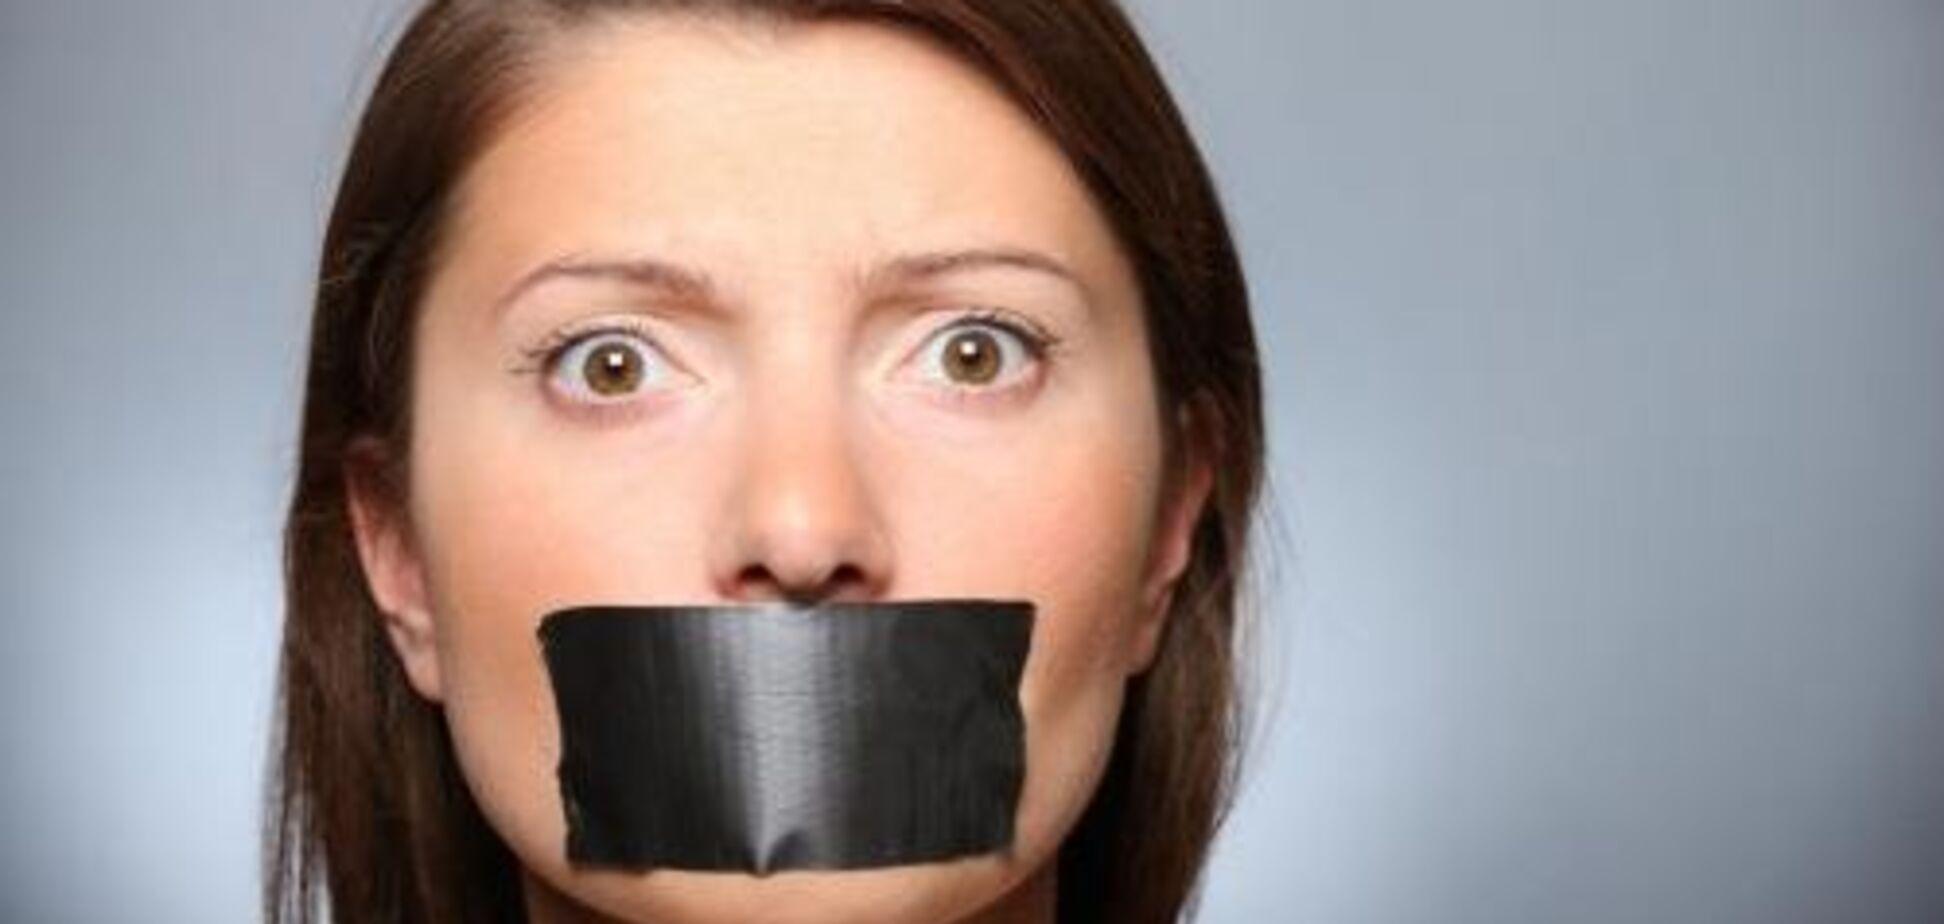 'Не хочу матюкатися, але бл*дь!' В Україні запропонували заборонити мат, люди розгнівані